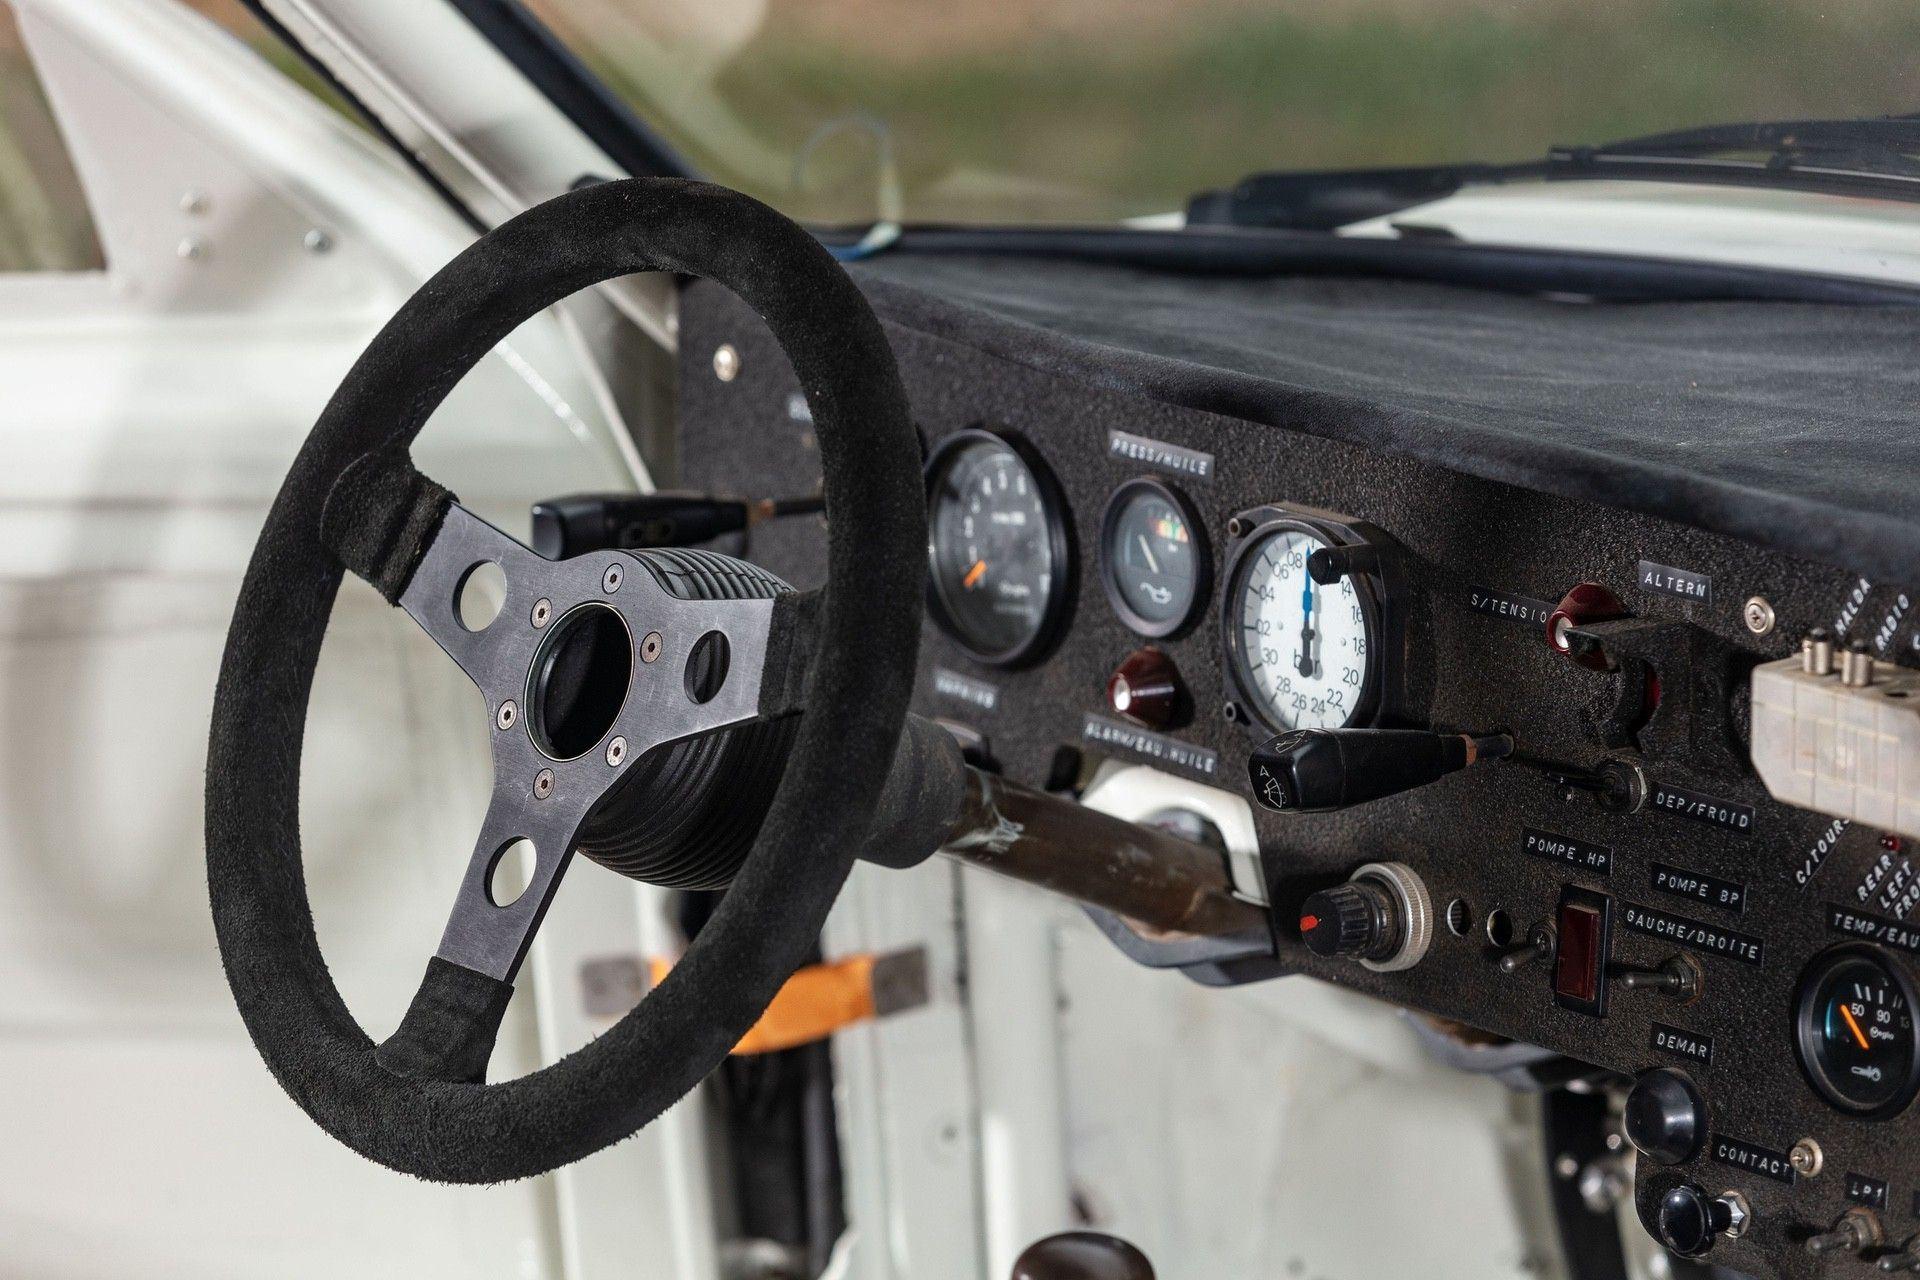 1985_Peugeot_205_Turbo_16_Evolution_2_sale-0025